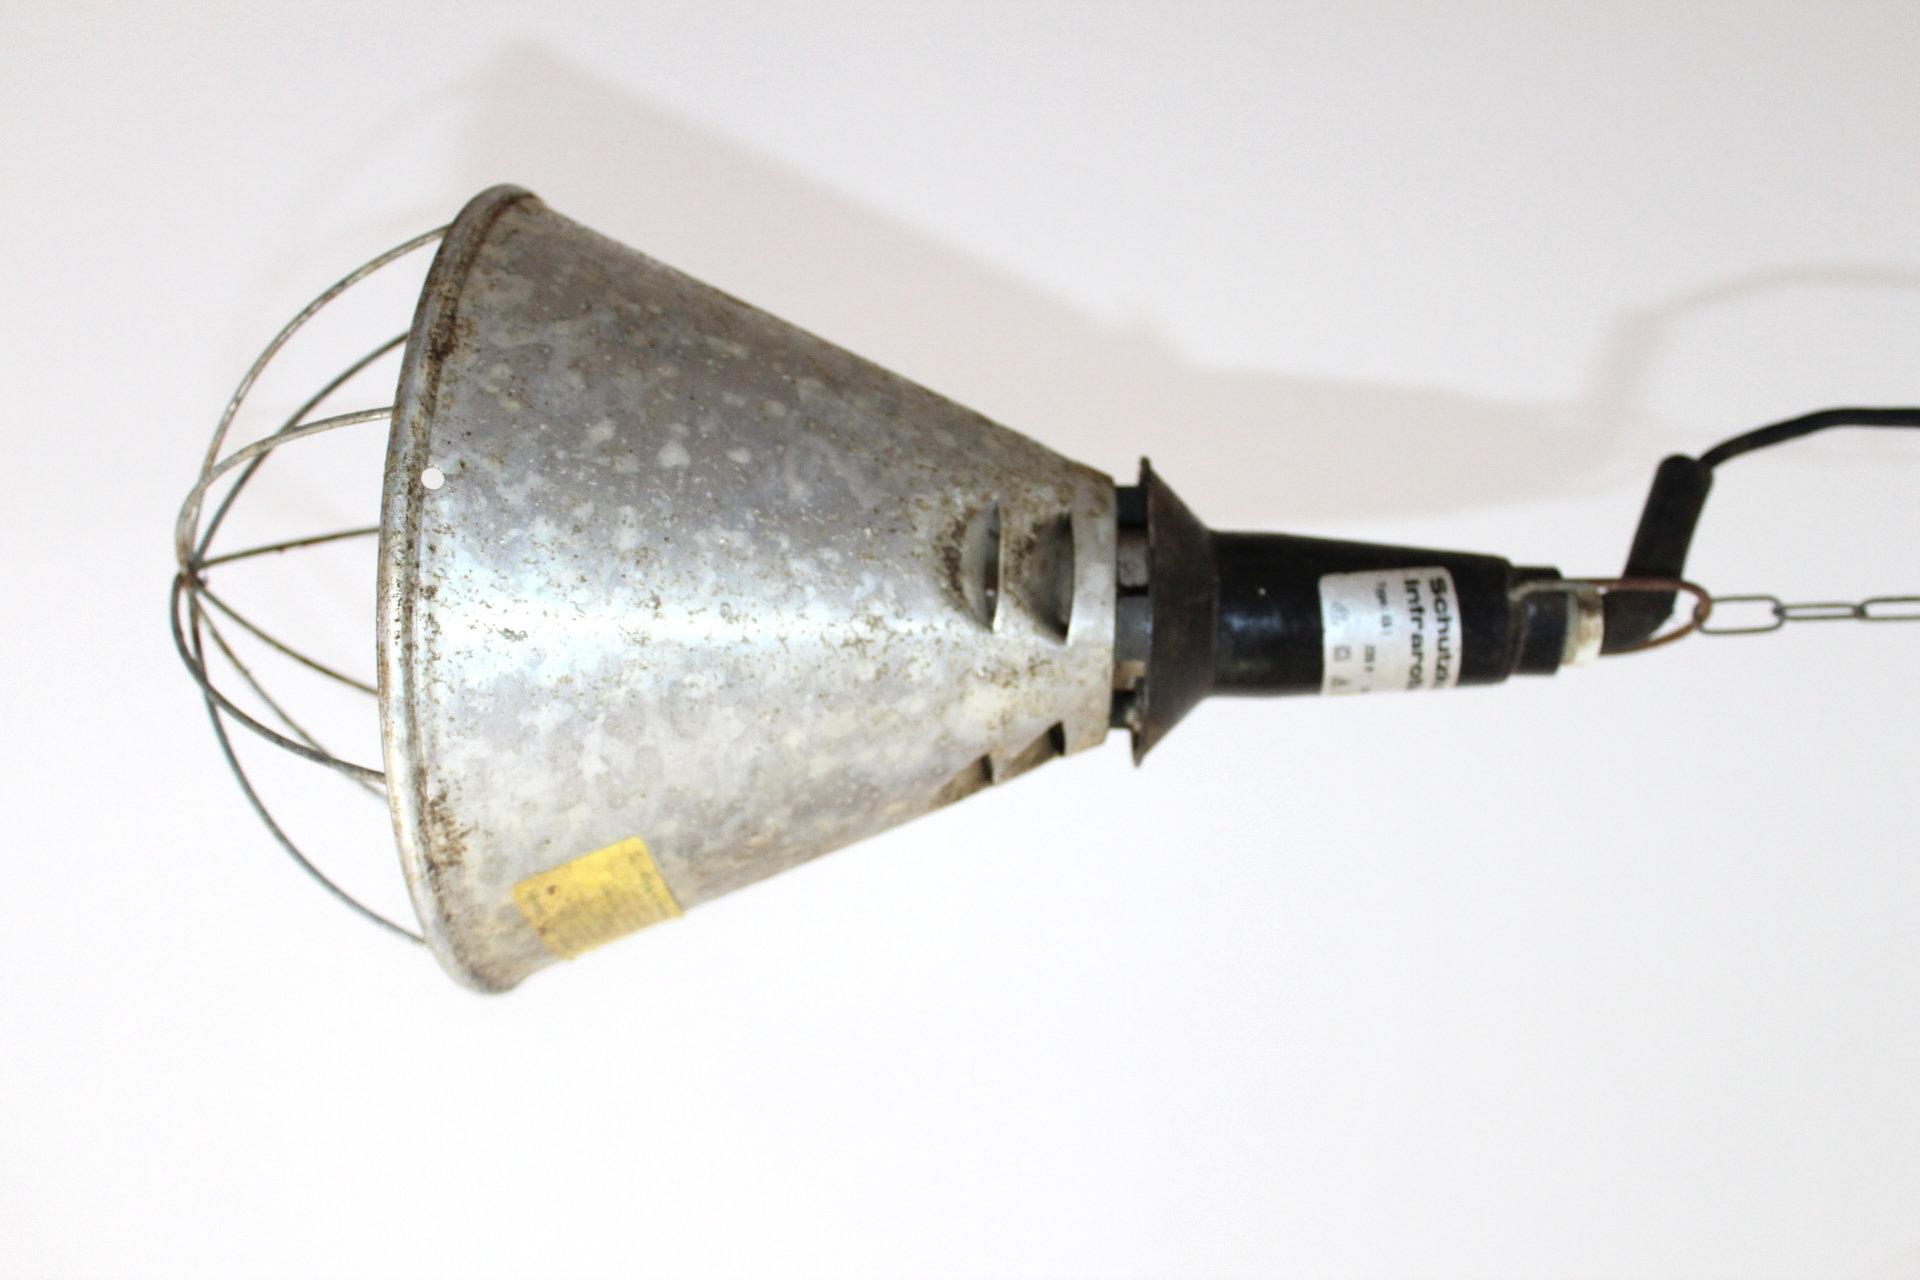 Full Size of Deckenlampe Industrial Loft Mon Amie Vintage Wohnzimmer Esstisch Küche Deckenlampen Für Schlafzimmer Wohnzimmer Deckenlampe Industrial